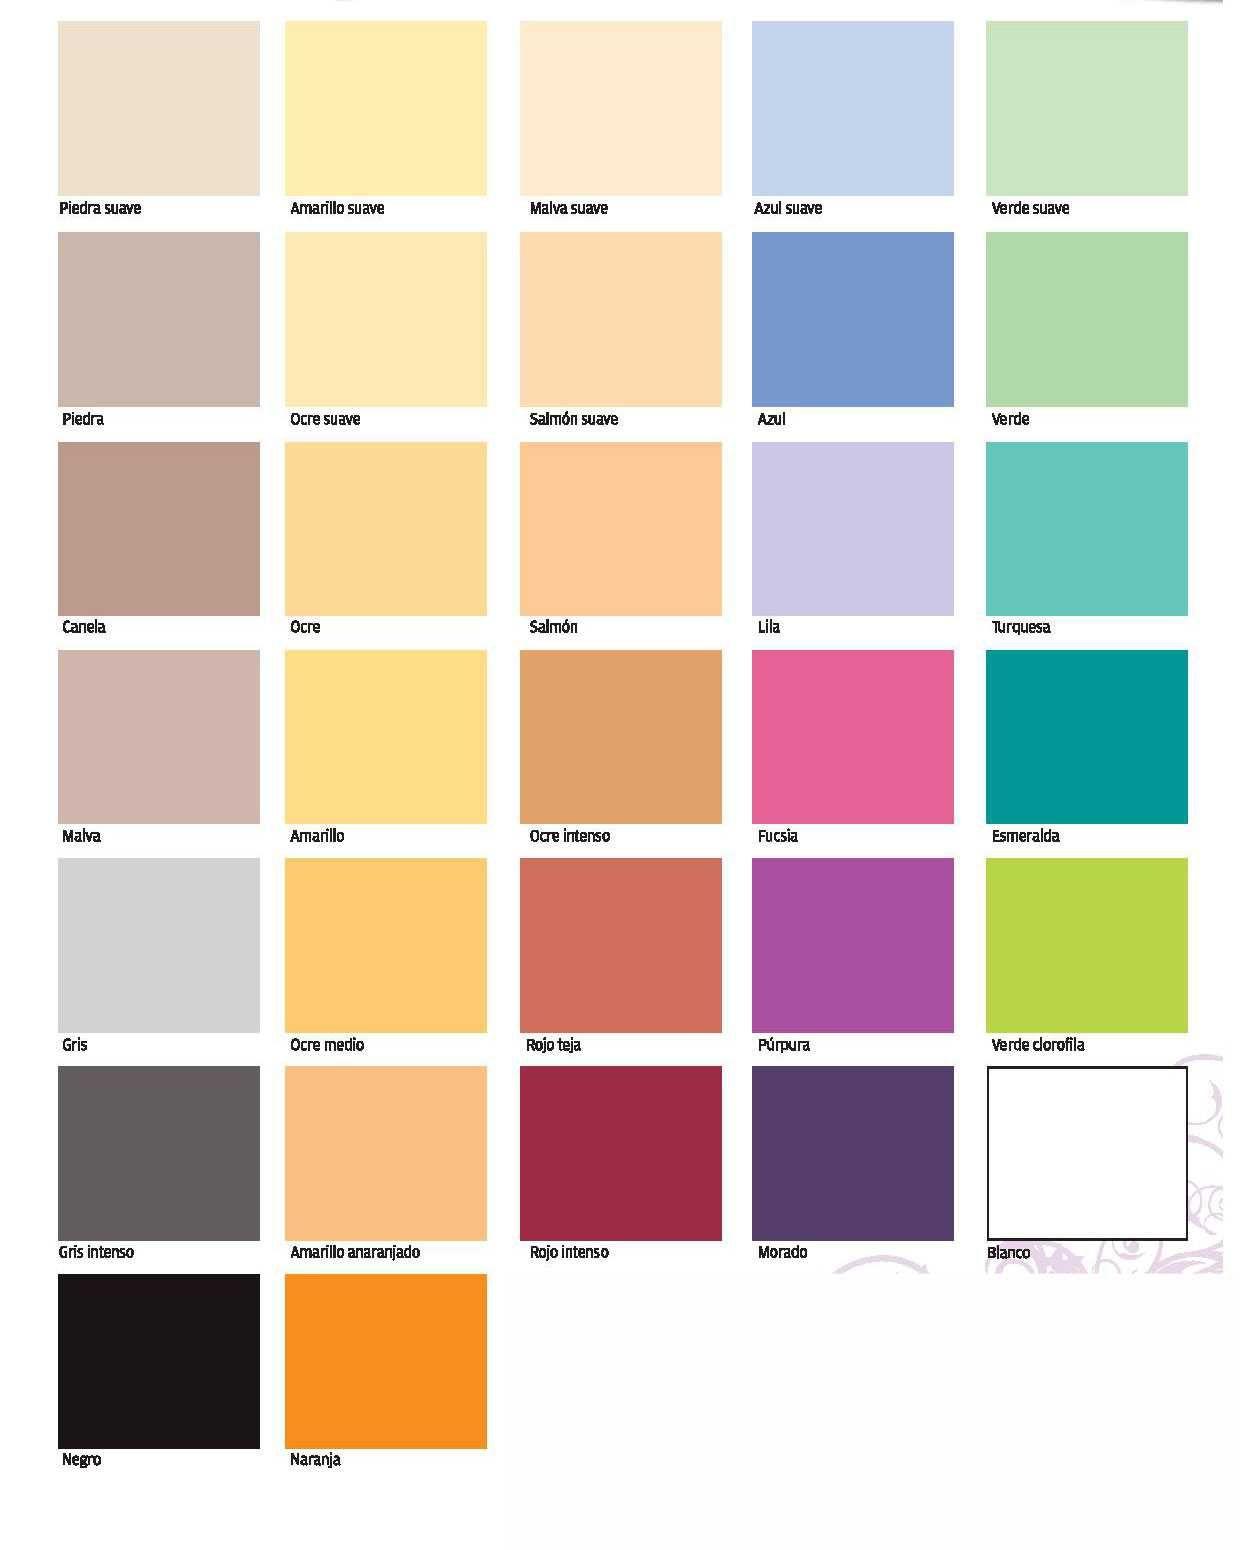 Tabla De Colores Pintura Decoracion Pelo Primarios Cabello Html Imagenes Paleta Pare Colores Para Pintar Paredes Carta De Colores Pintura Colores Pintura Pared